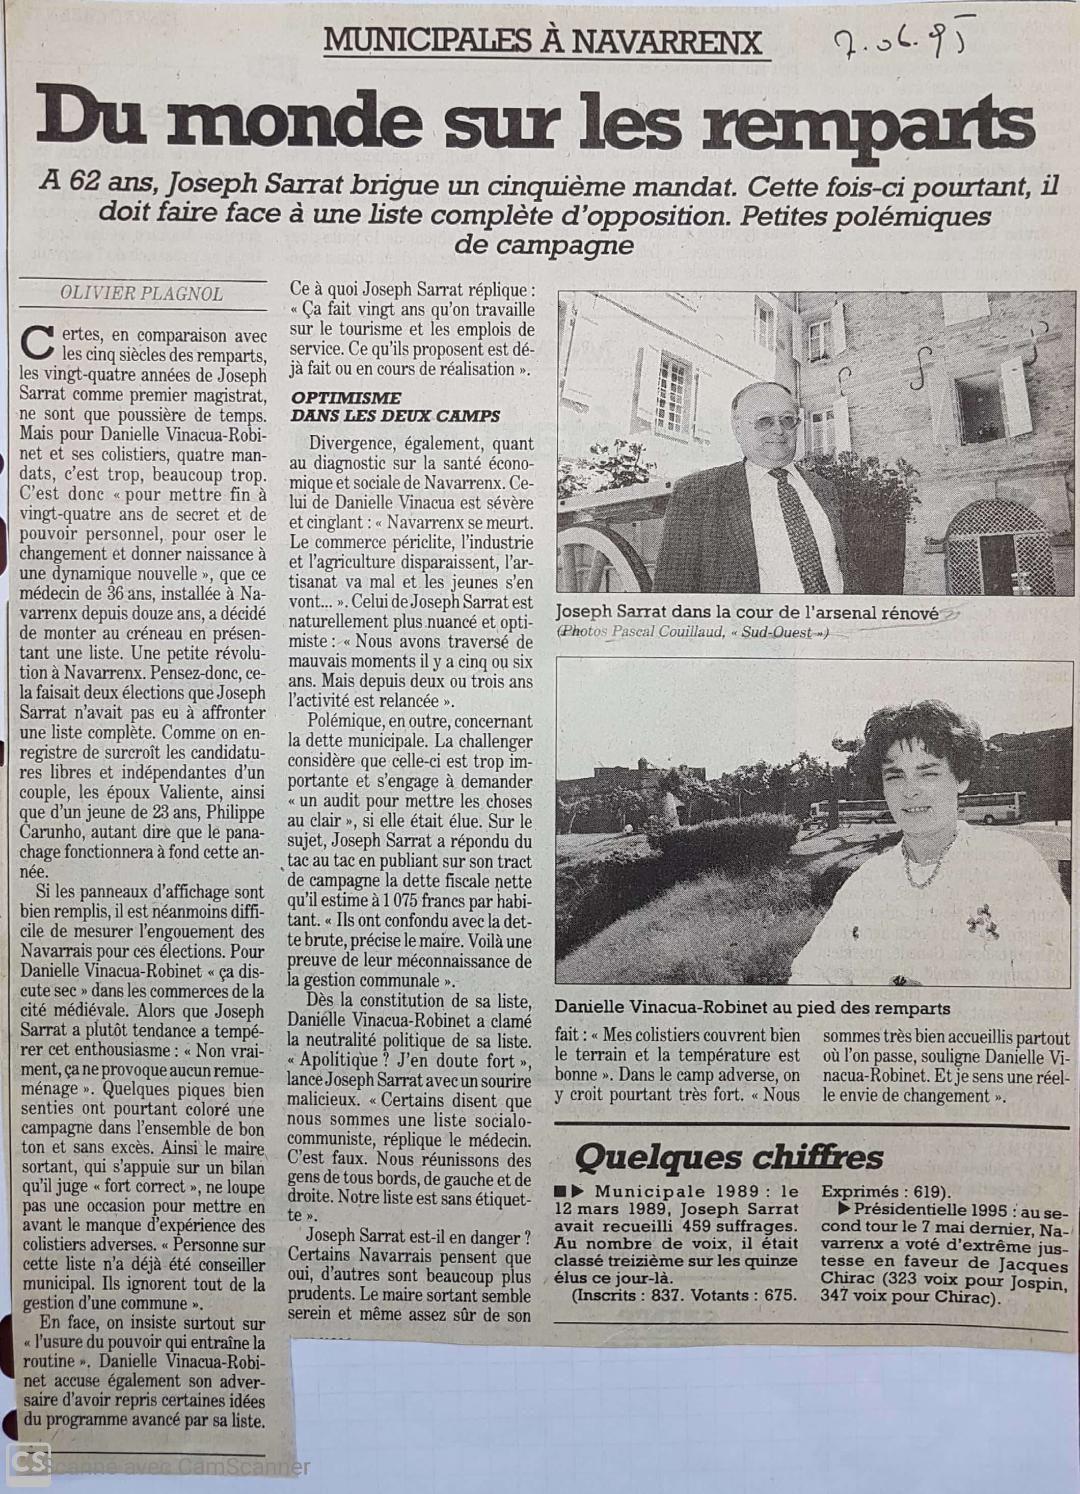 NAVARRENX : LA BATAILLE DE 1995